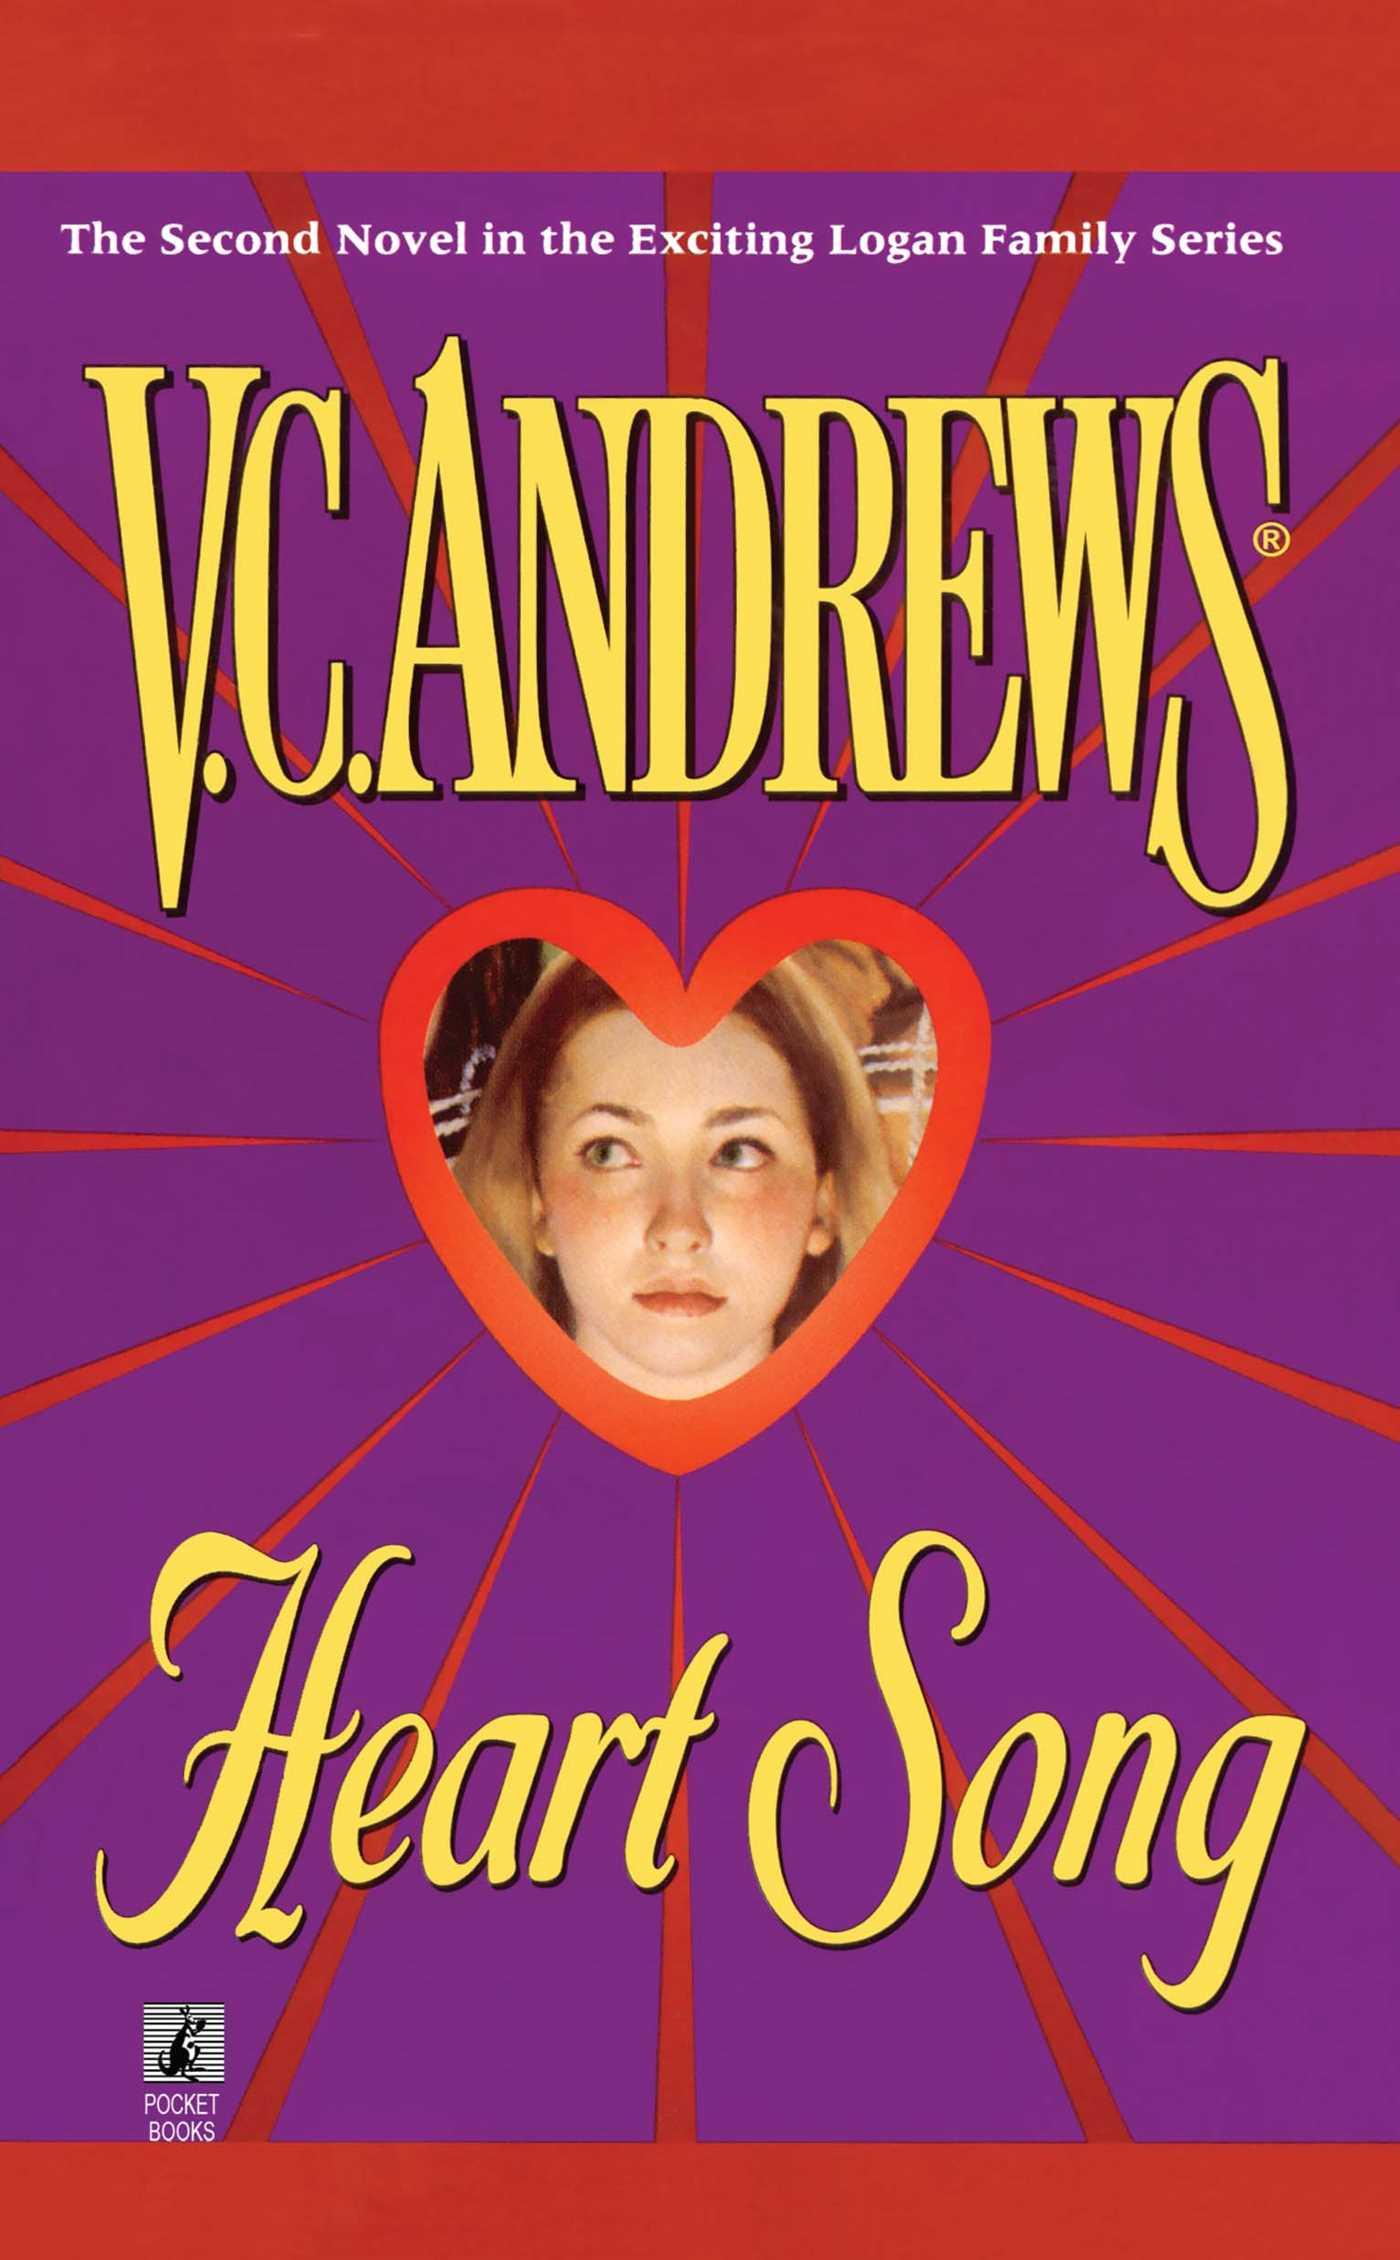 Heart song 9781476792781 hr